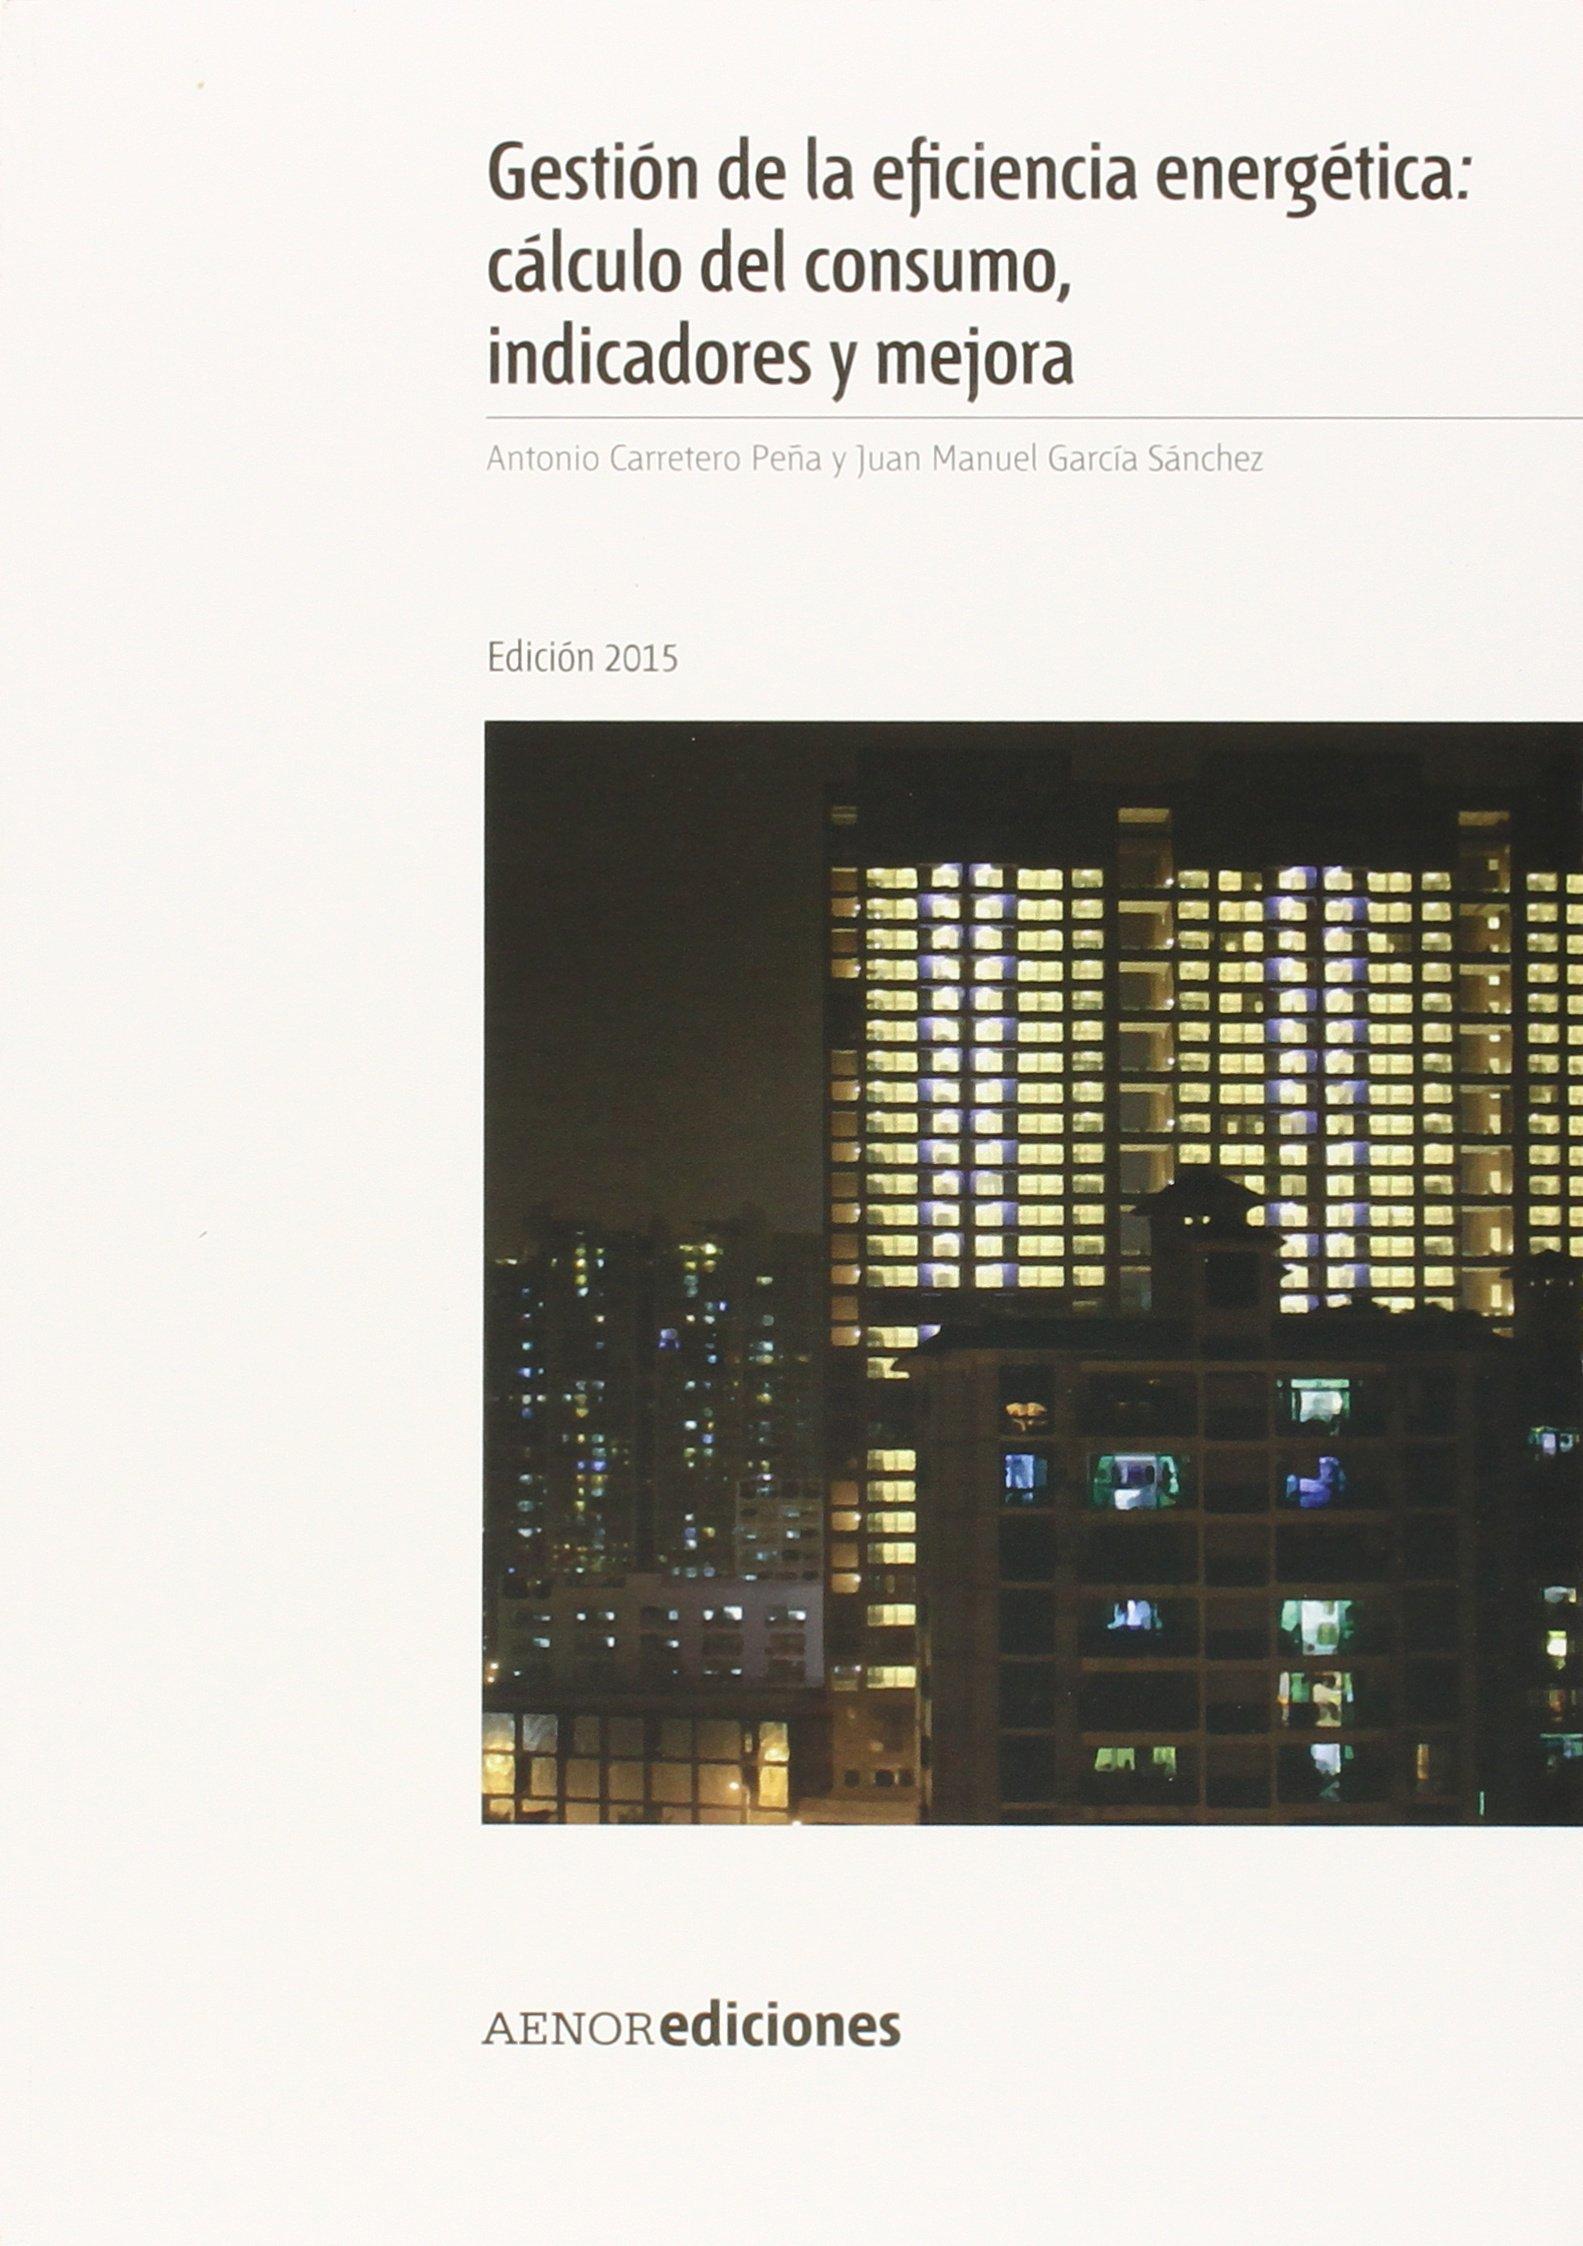 Gestión de la eficiencia energética: cálculo del consumo, indicadores y mejora. Edición 2015